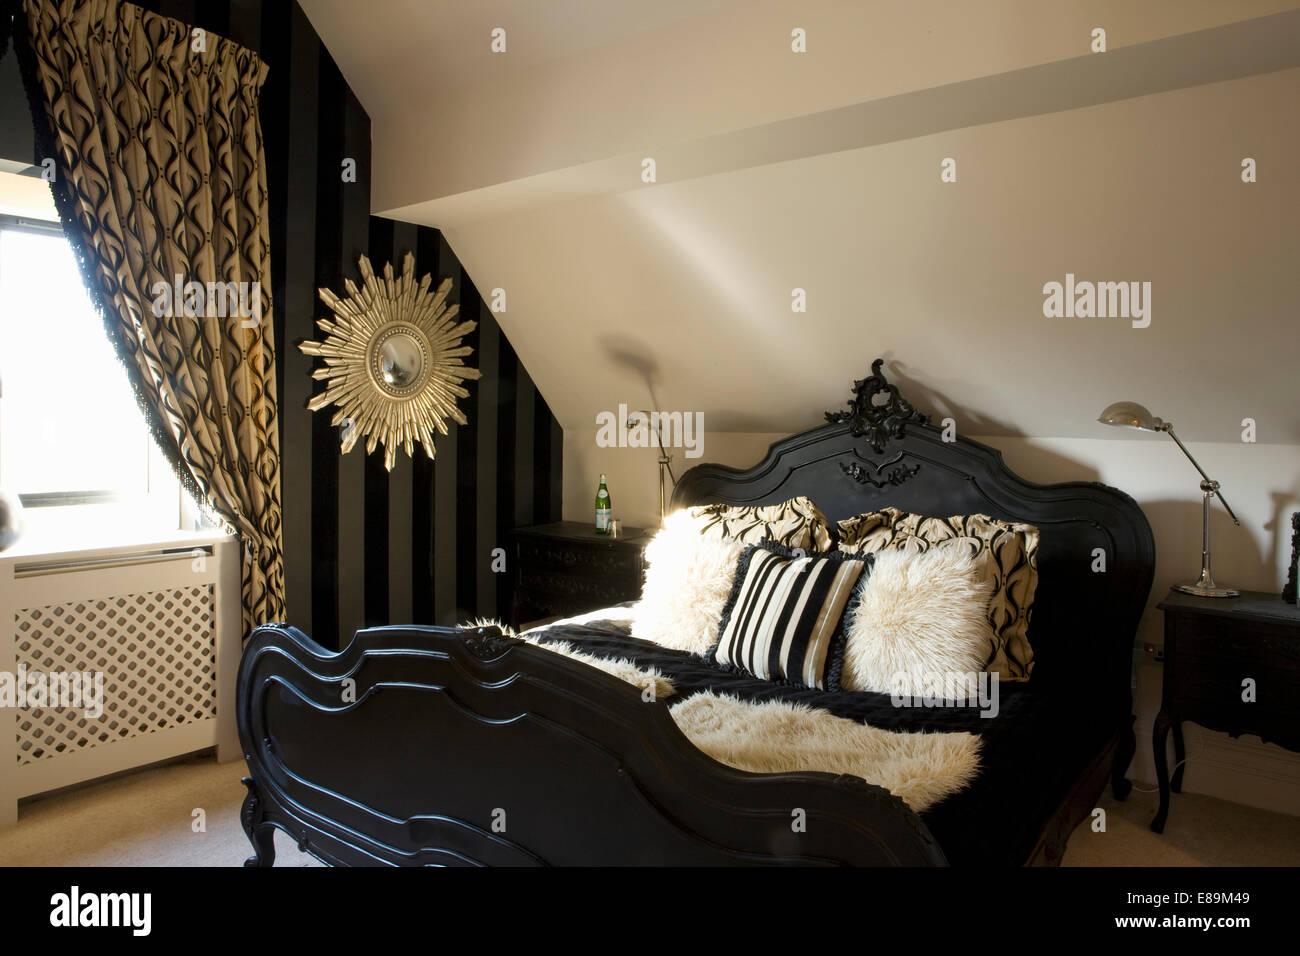 zeitgen ssischen stil schwarz bett mit kunstpelz kissen im. Black Bedroom Furniture Sets. Home Design Ideas